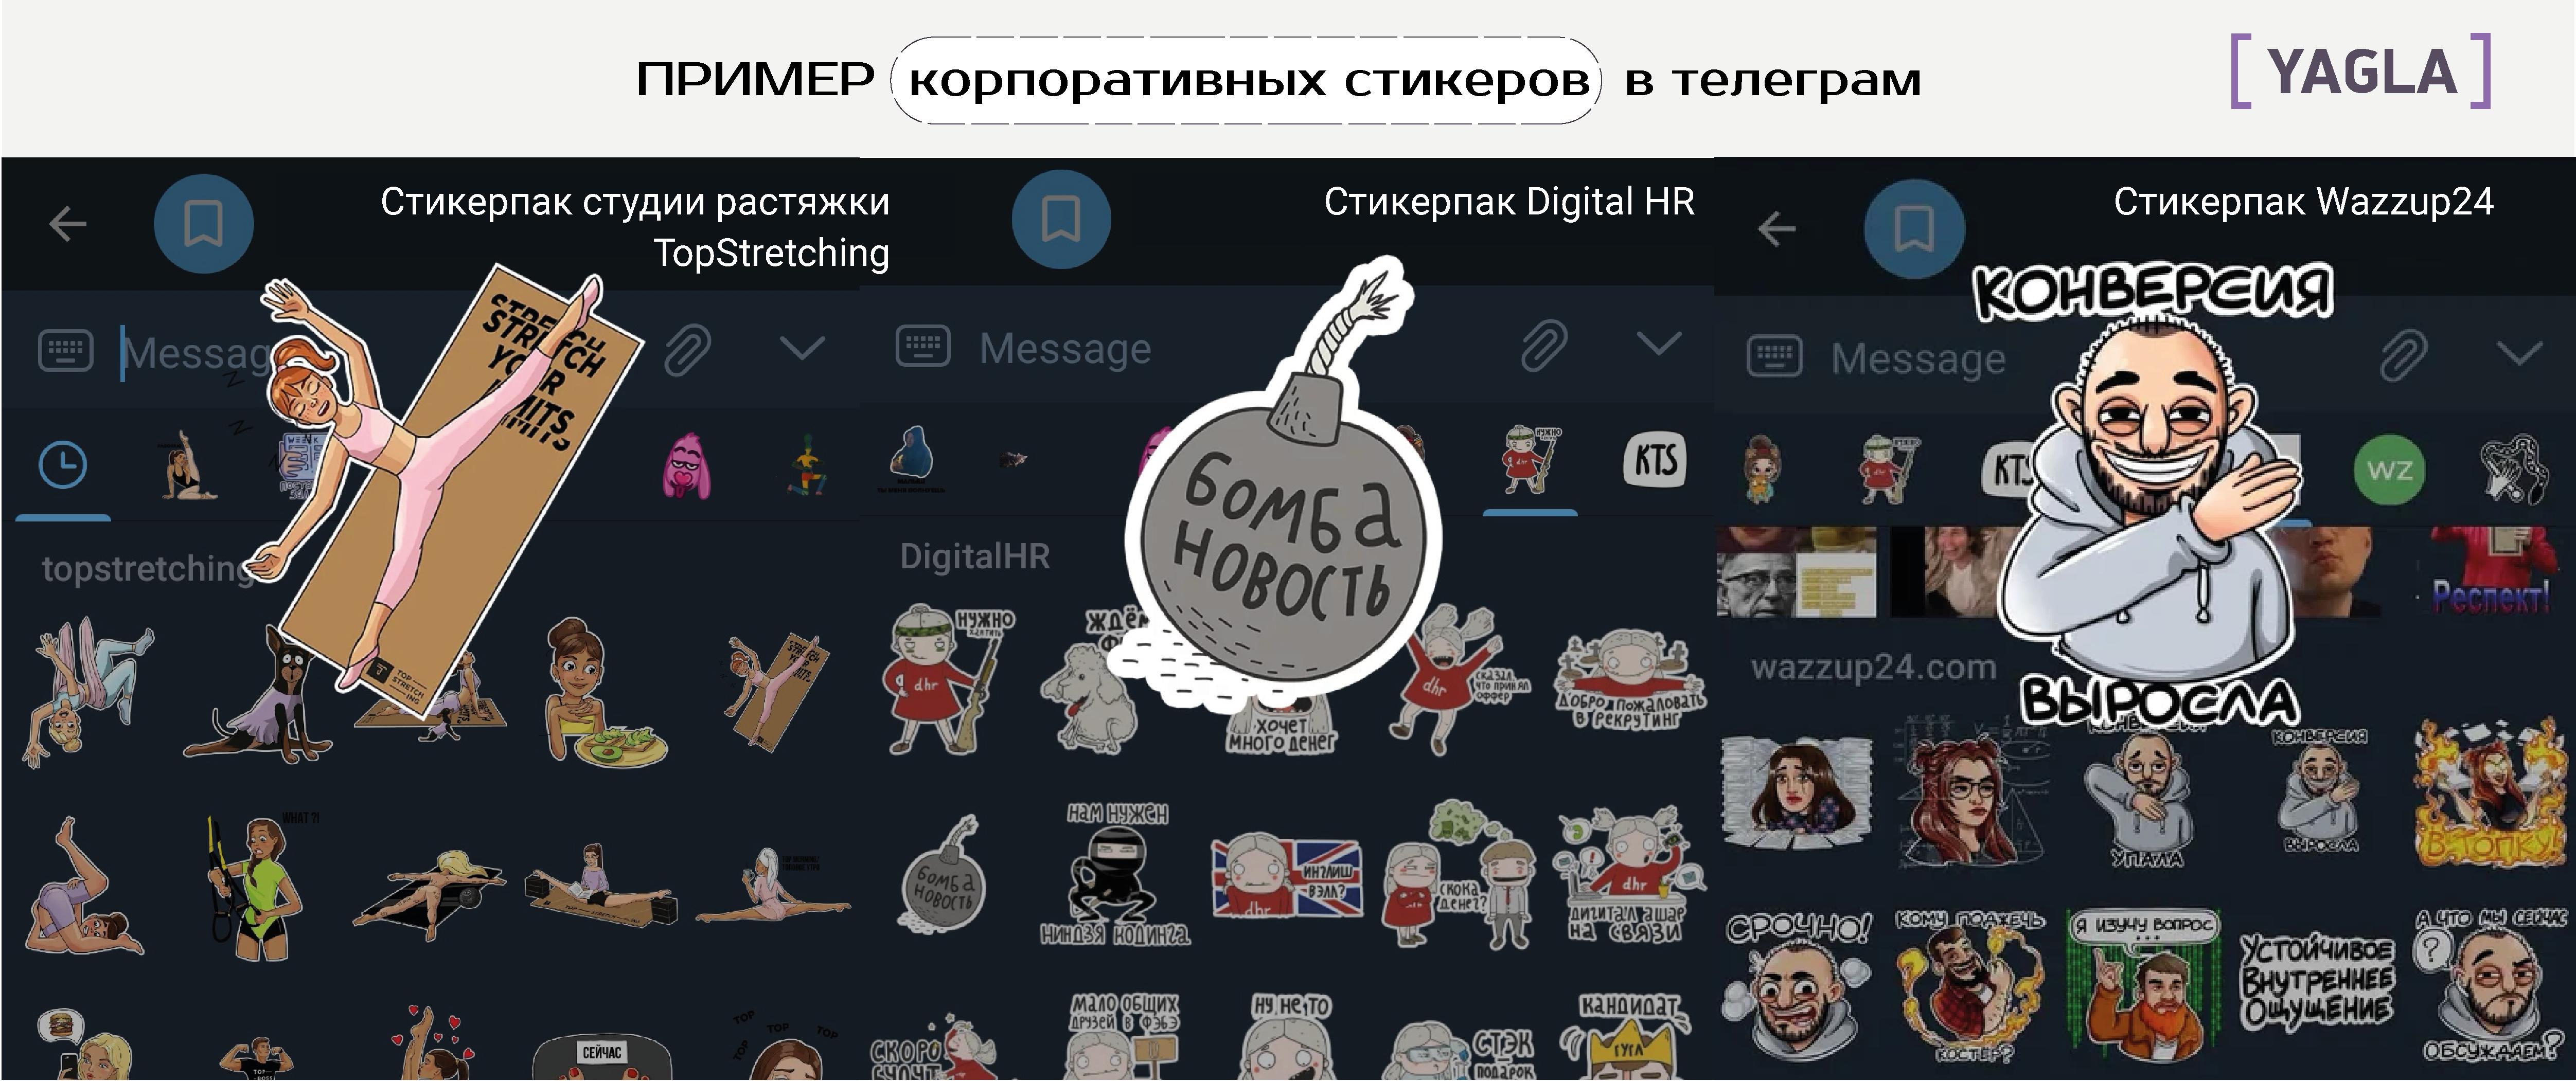 Примеры корпоративных стикеров в телеграм